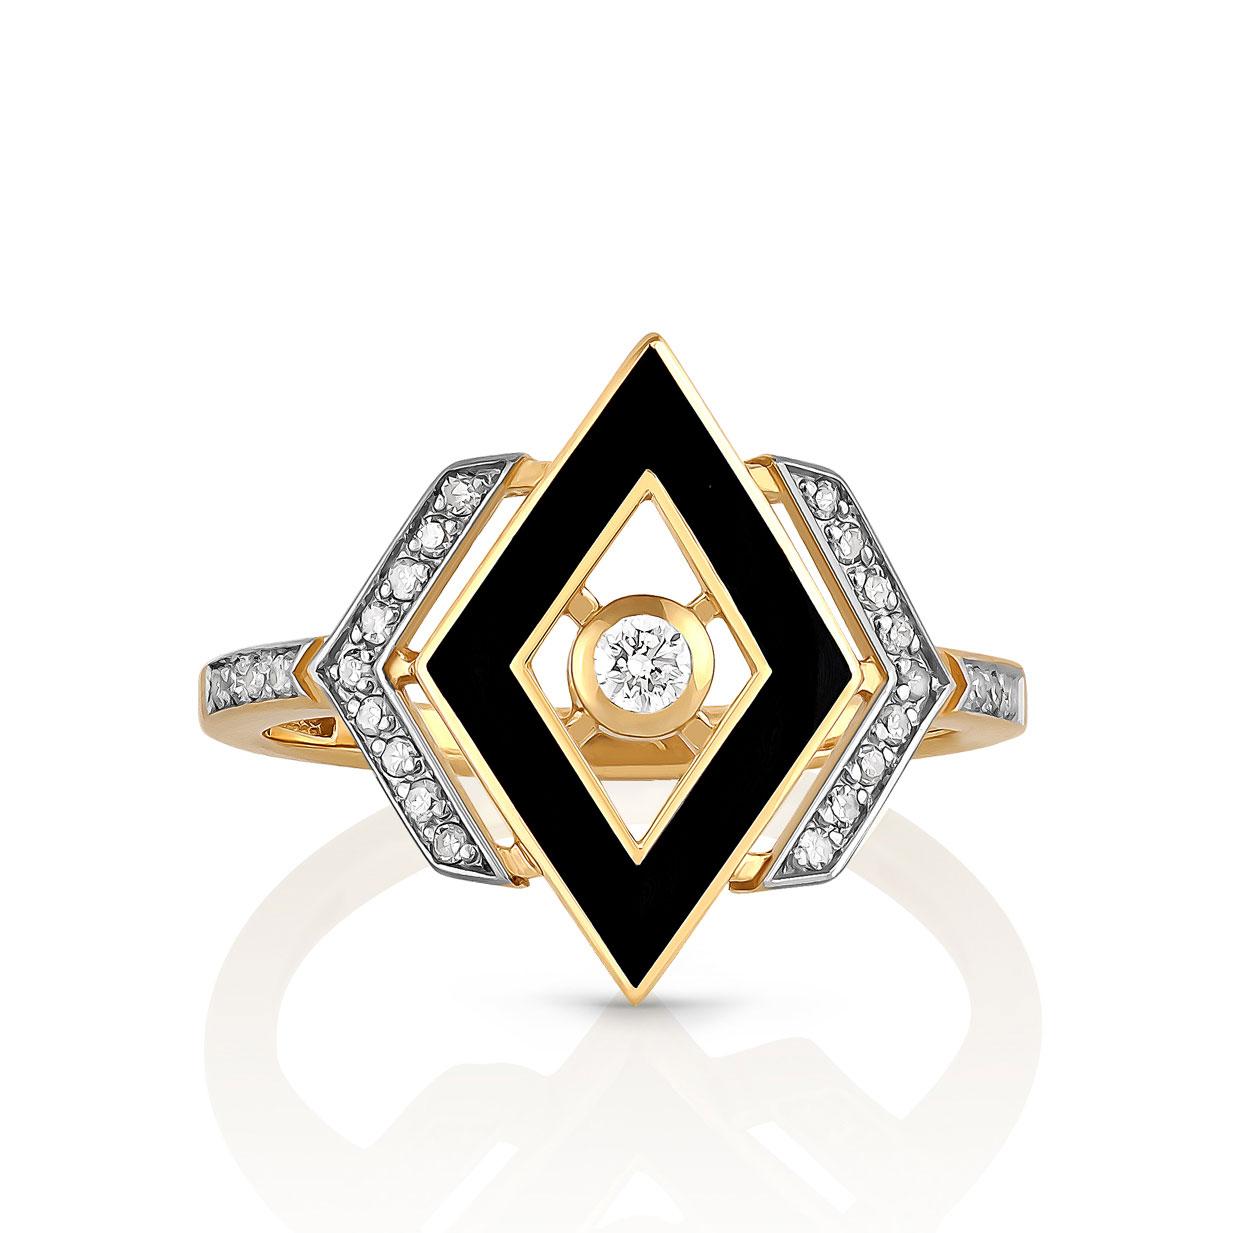 Кольцо из лимонного золота Бриллиант и Эмаль арт. 11-21044-1002 11-21044-1002